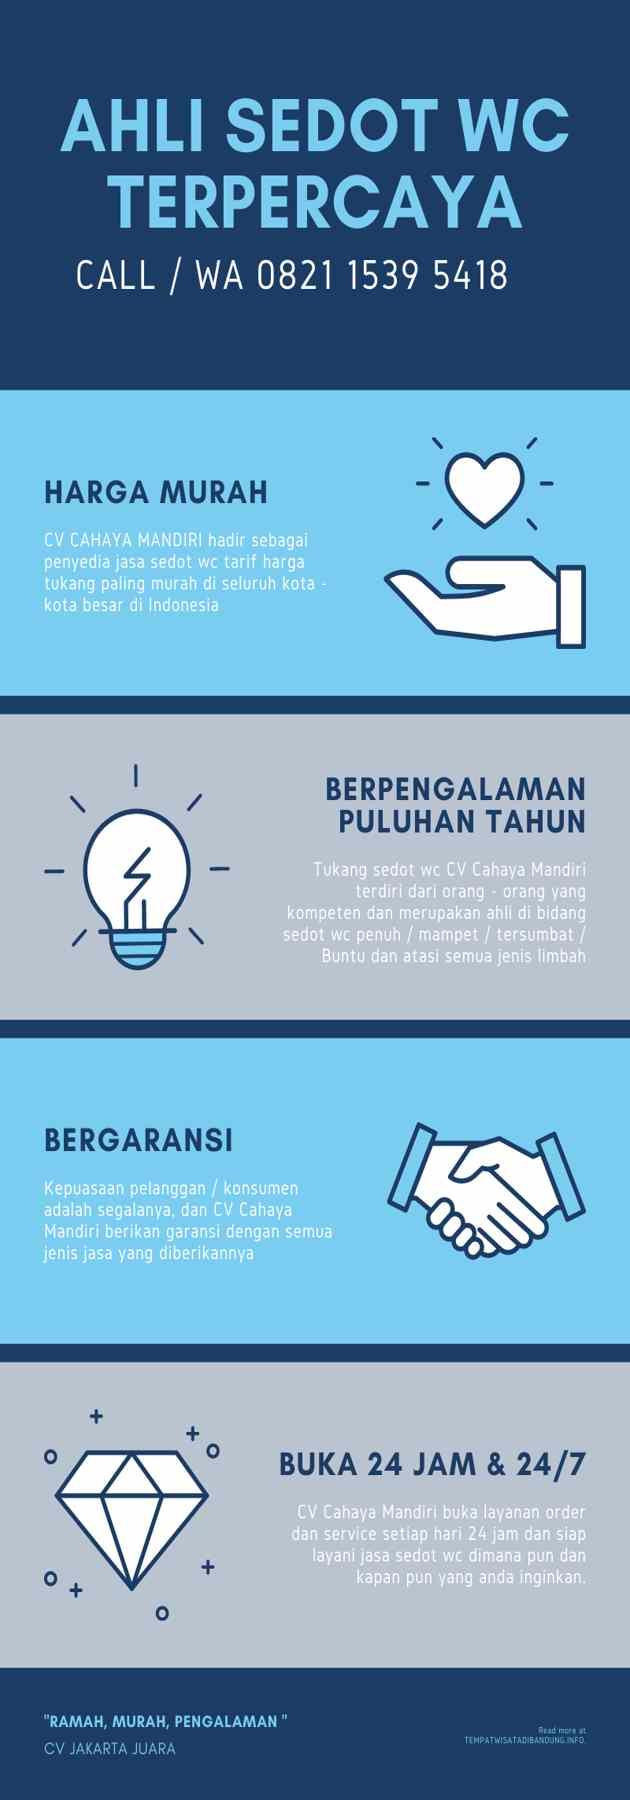 Jasa Sedot WC Murah Indonesia Infographic